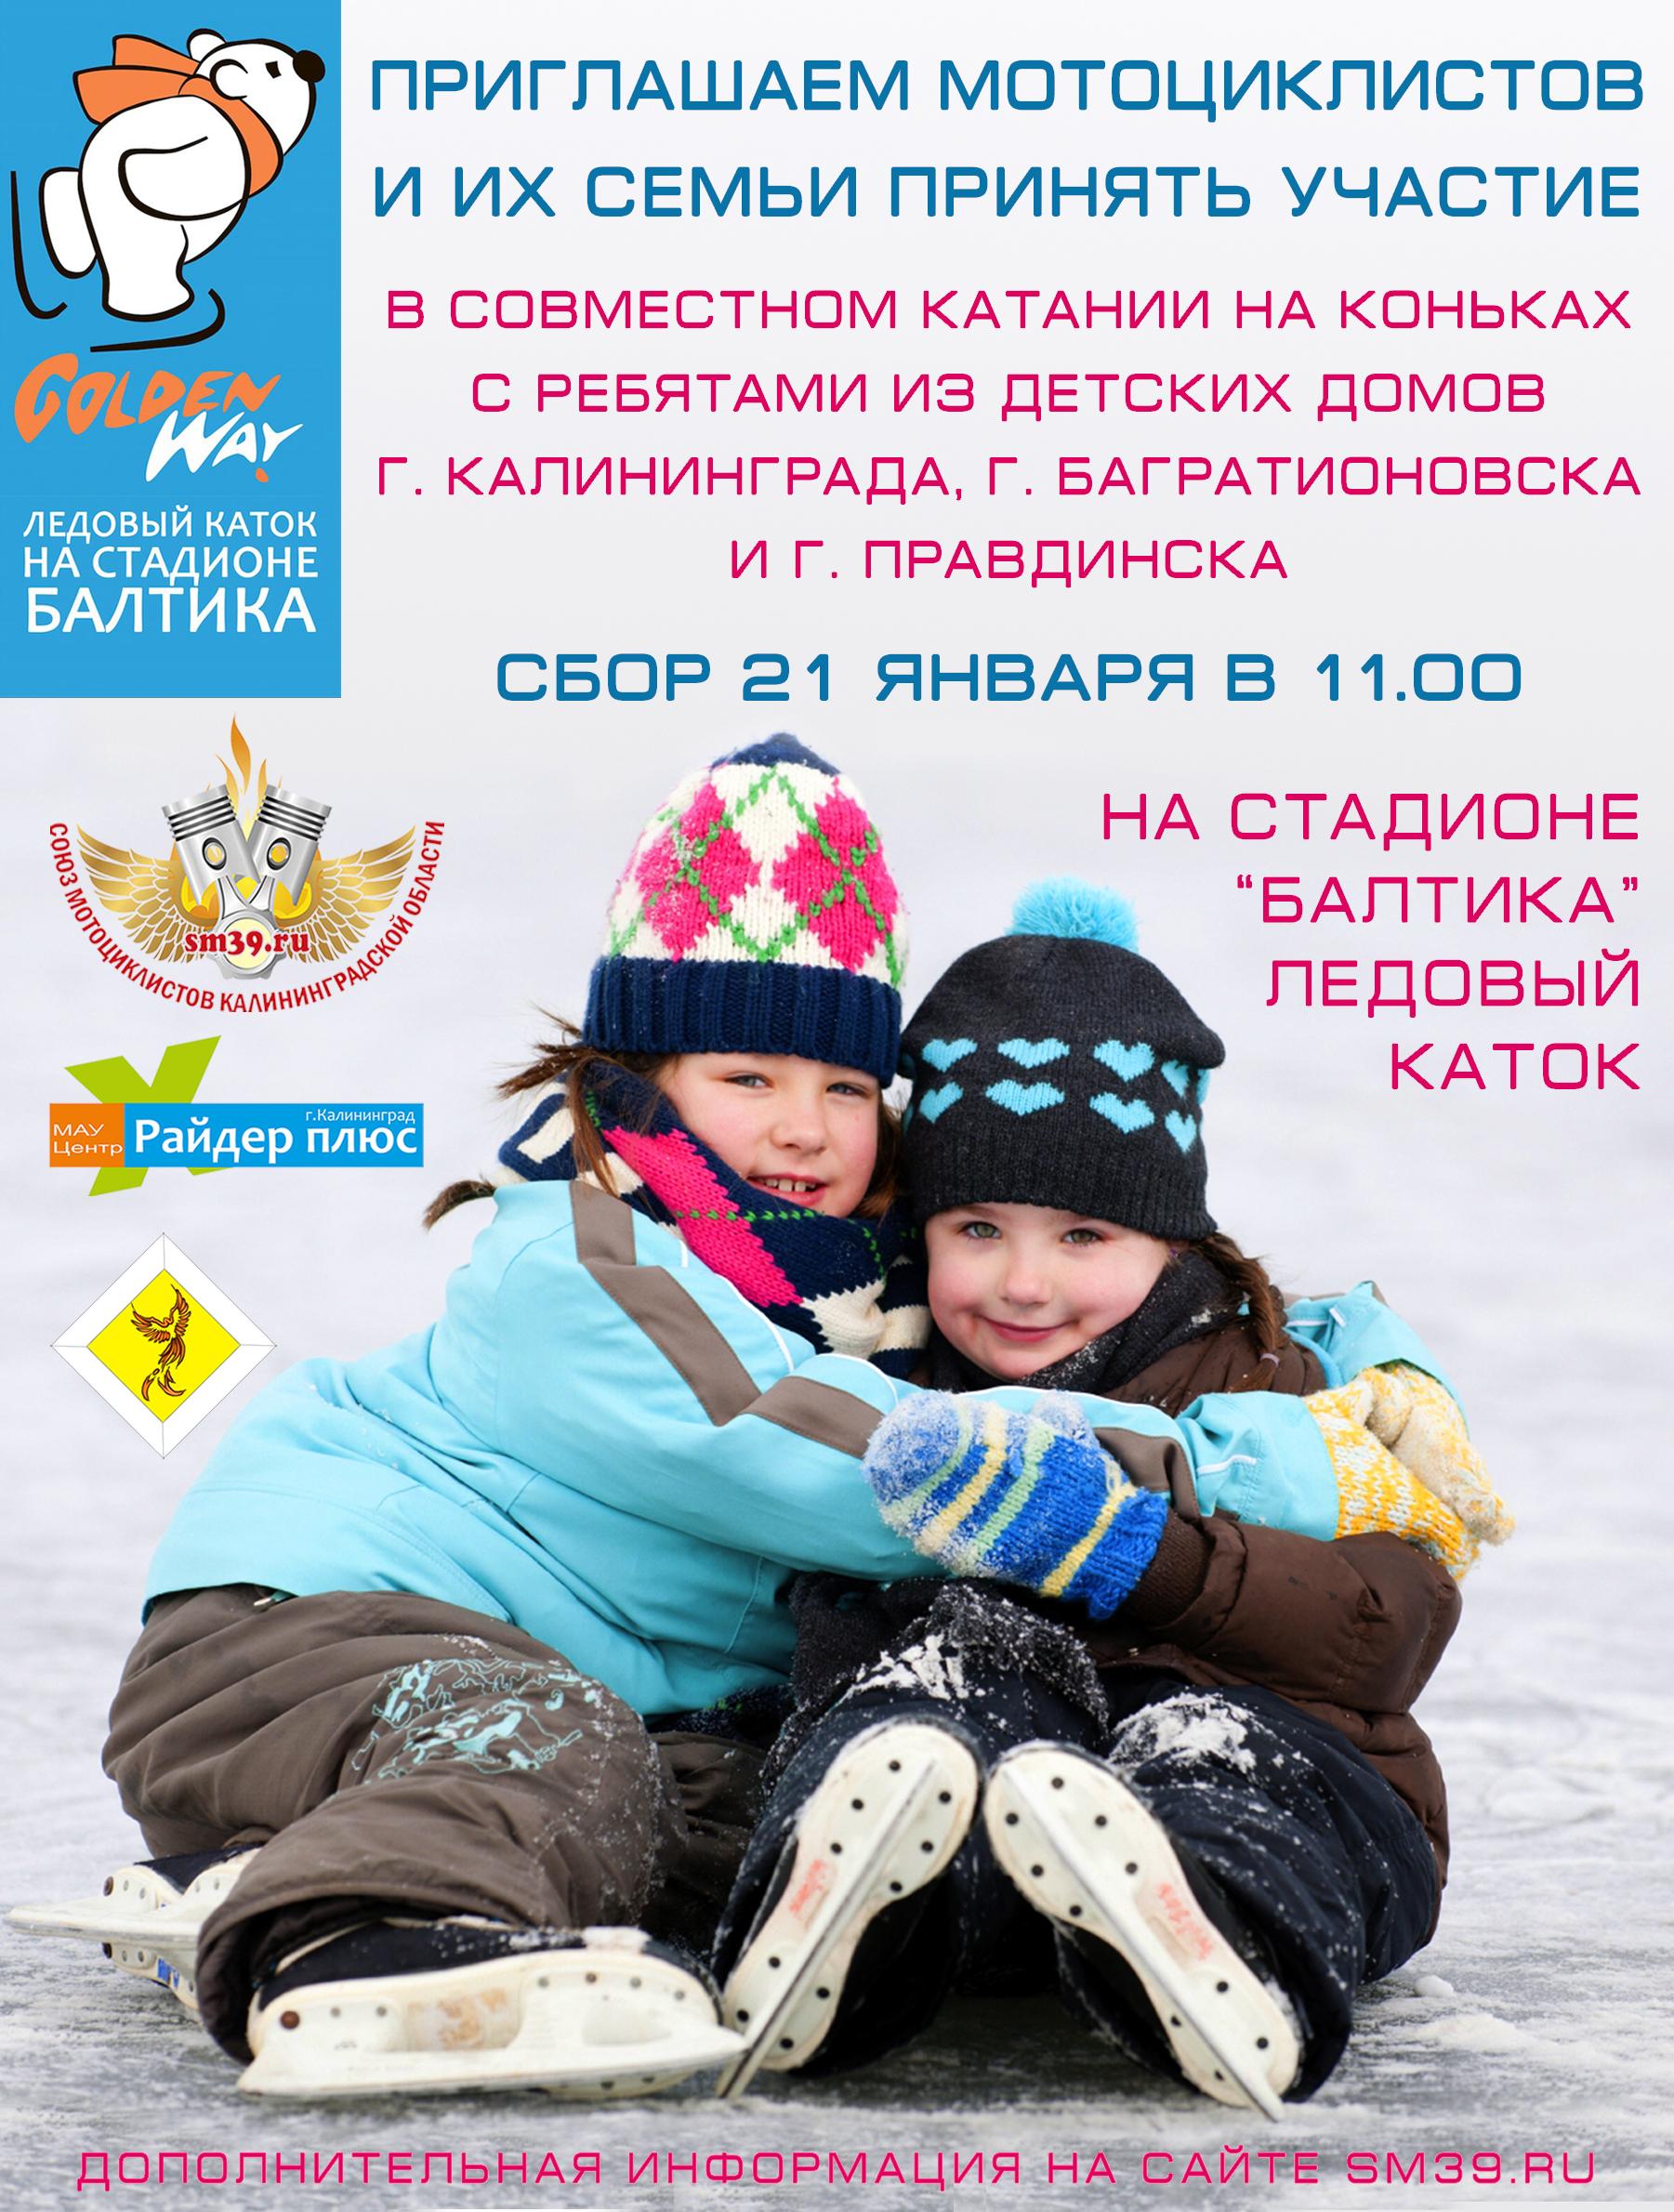 21 января катаемся на коньках с детьми из детских домов!